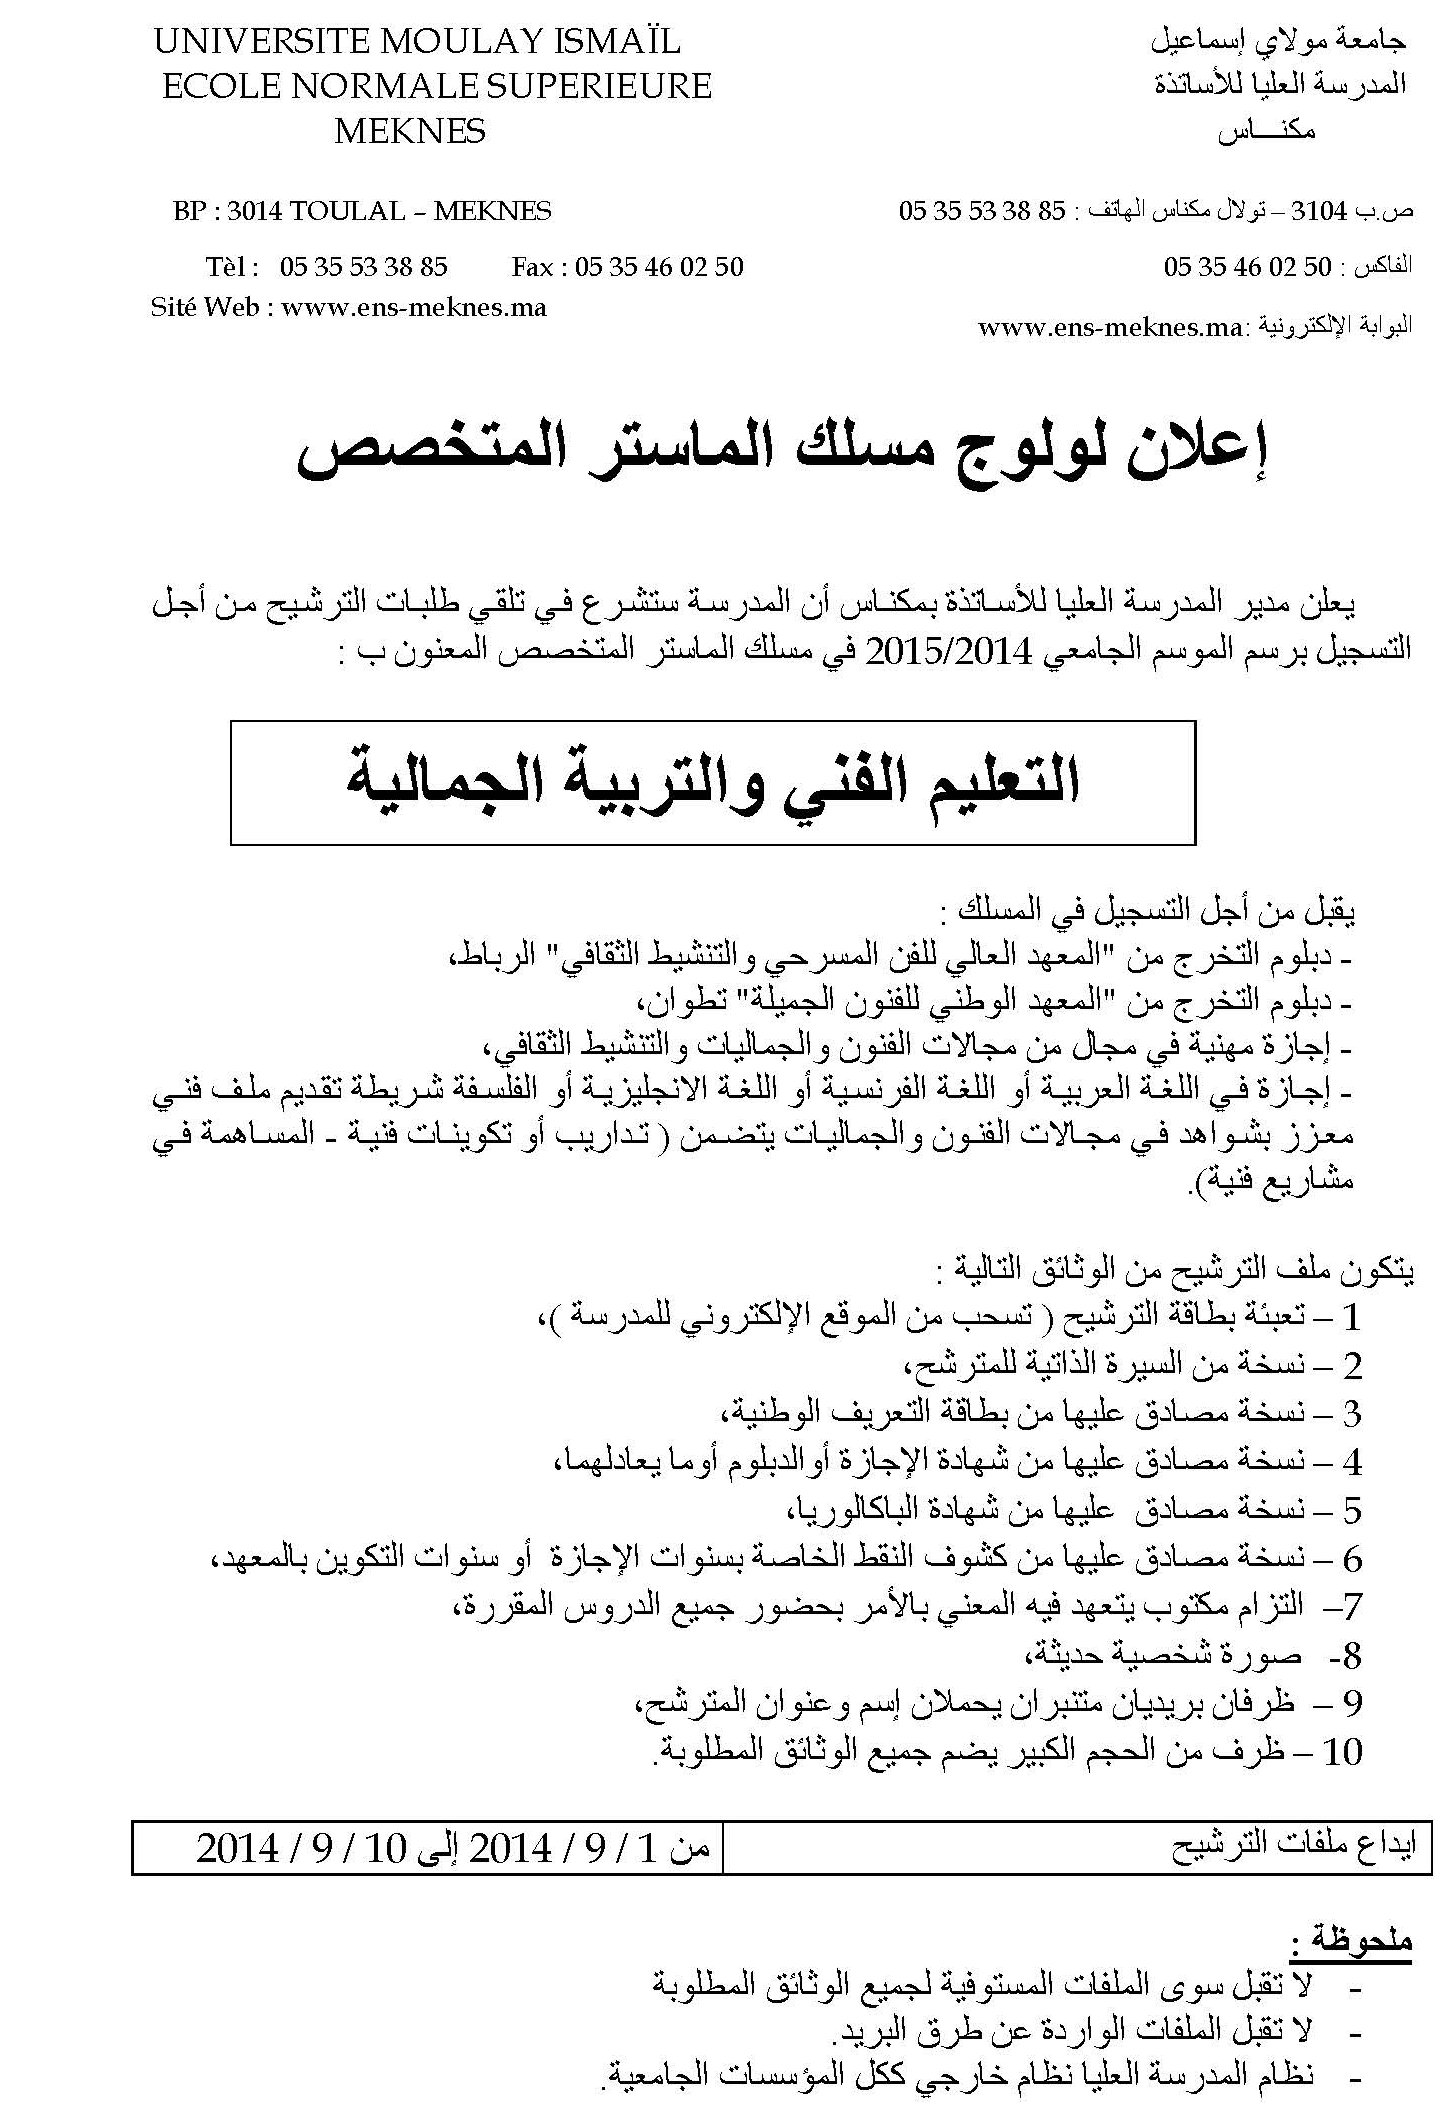 lettre de motivation en arabe pour master